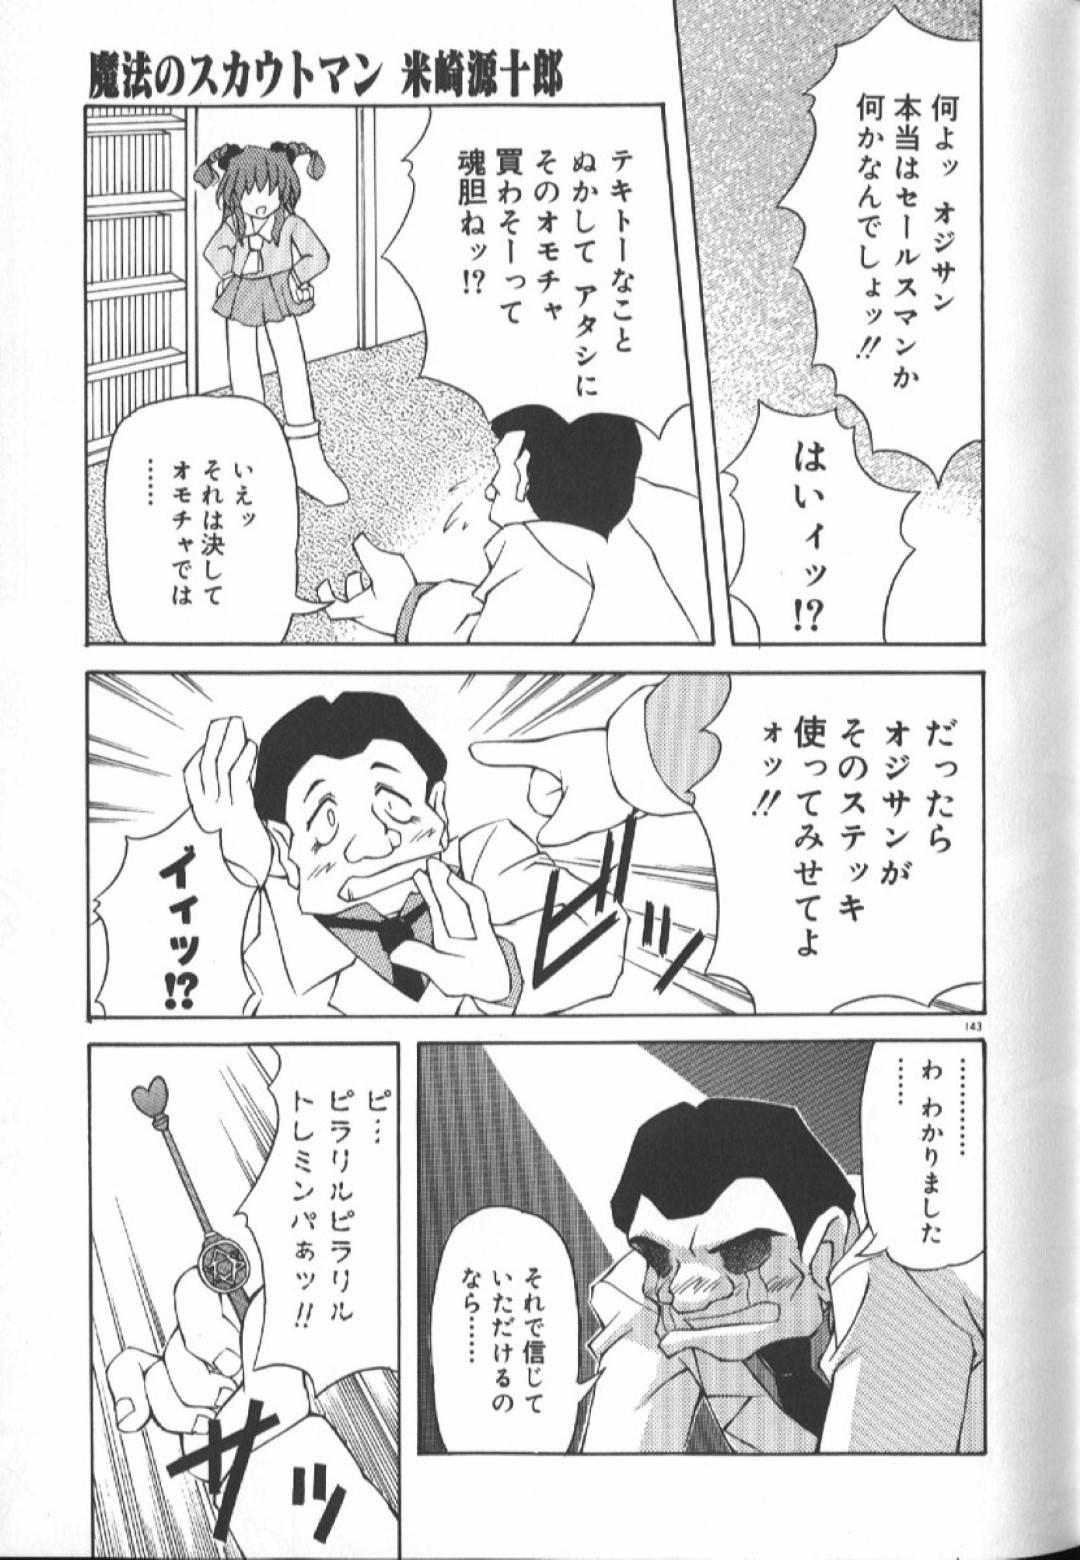 【エロ漫画】突然現れた魔法少女のスカウトおじさんに契約として生ハメセックスで処女を奪われるロリ少女